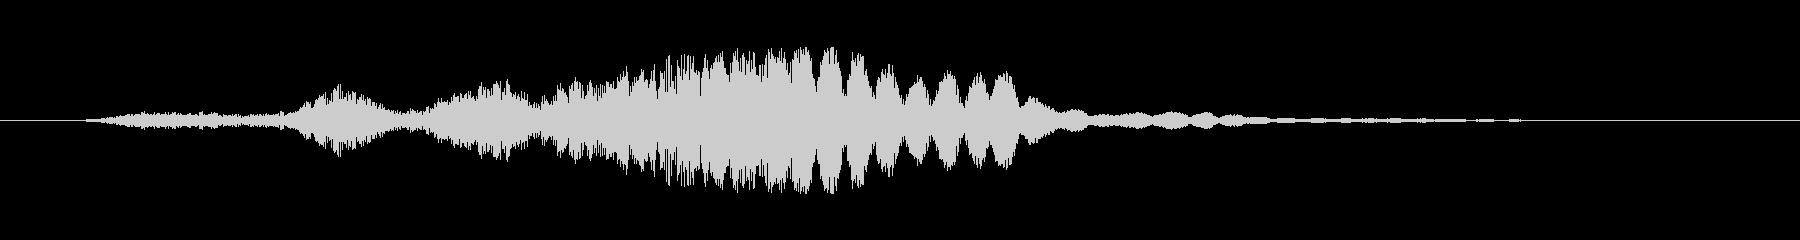 ロードラム風のエアリービルドアップの未再生の波形